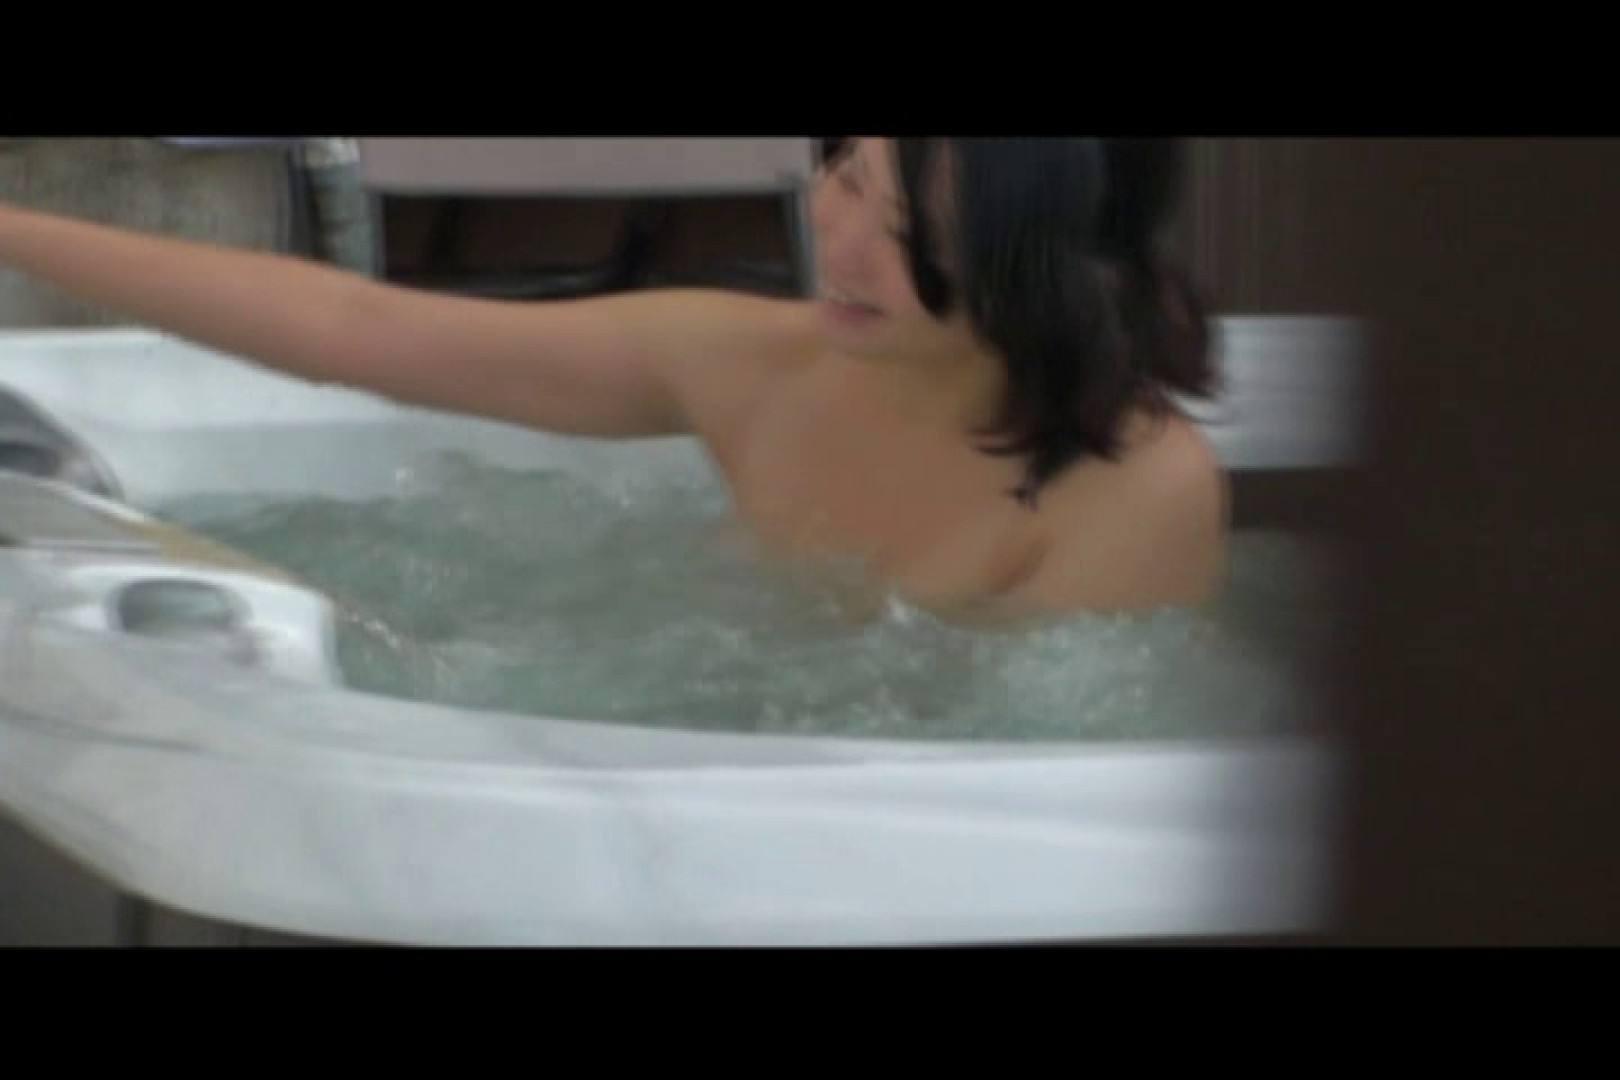 貸切露天 発情カップル! vol.07 露天風呂の女達   カップルのセックス  100連発 52